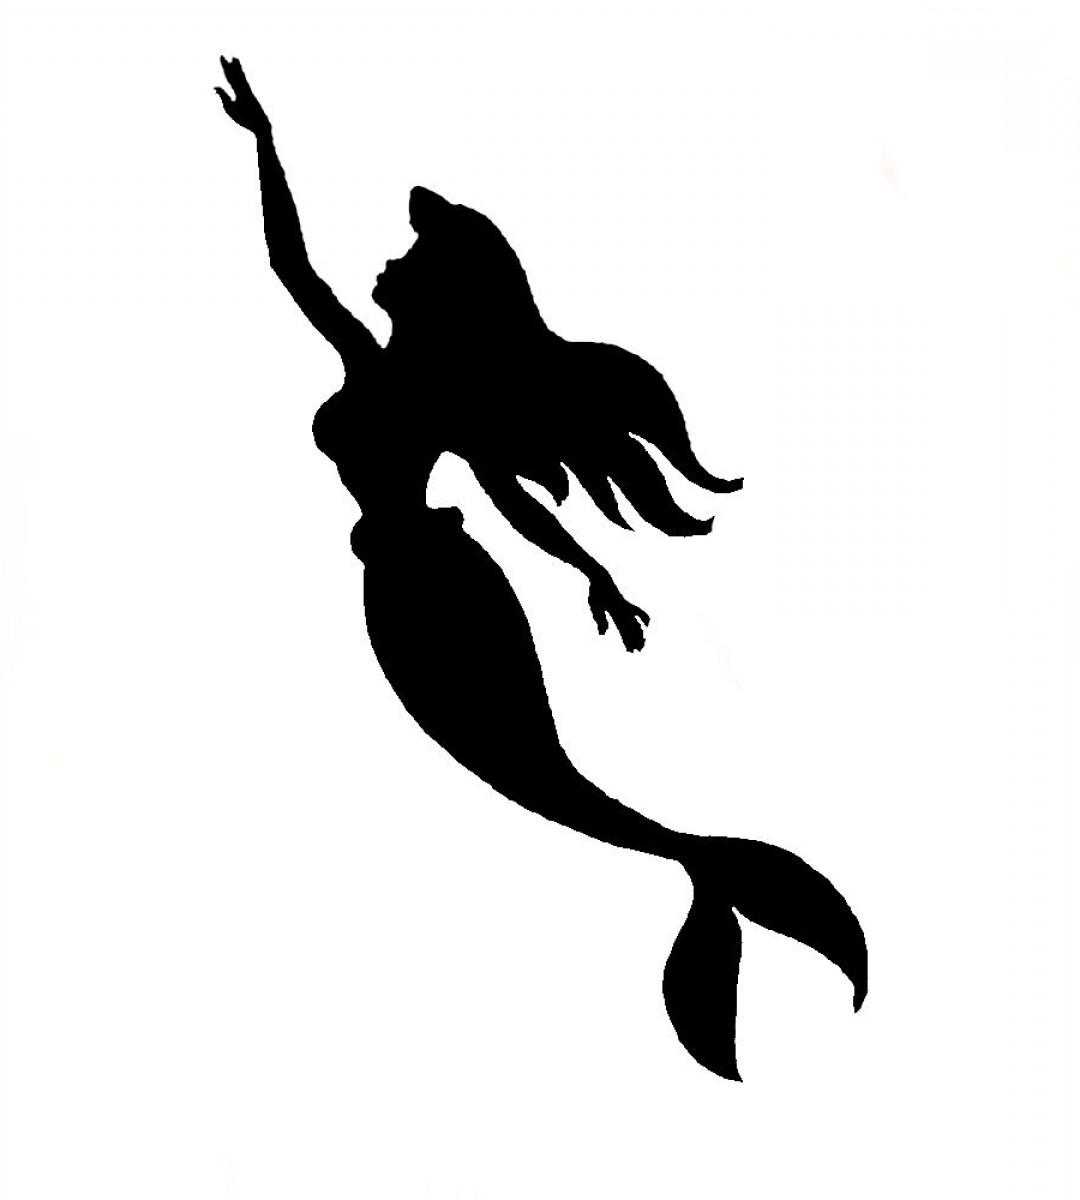 Mermaid Tail Clipart At Getdrawings: Baby Mermaid Silhouette At GetDrawings